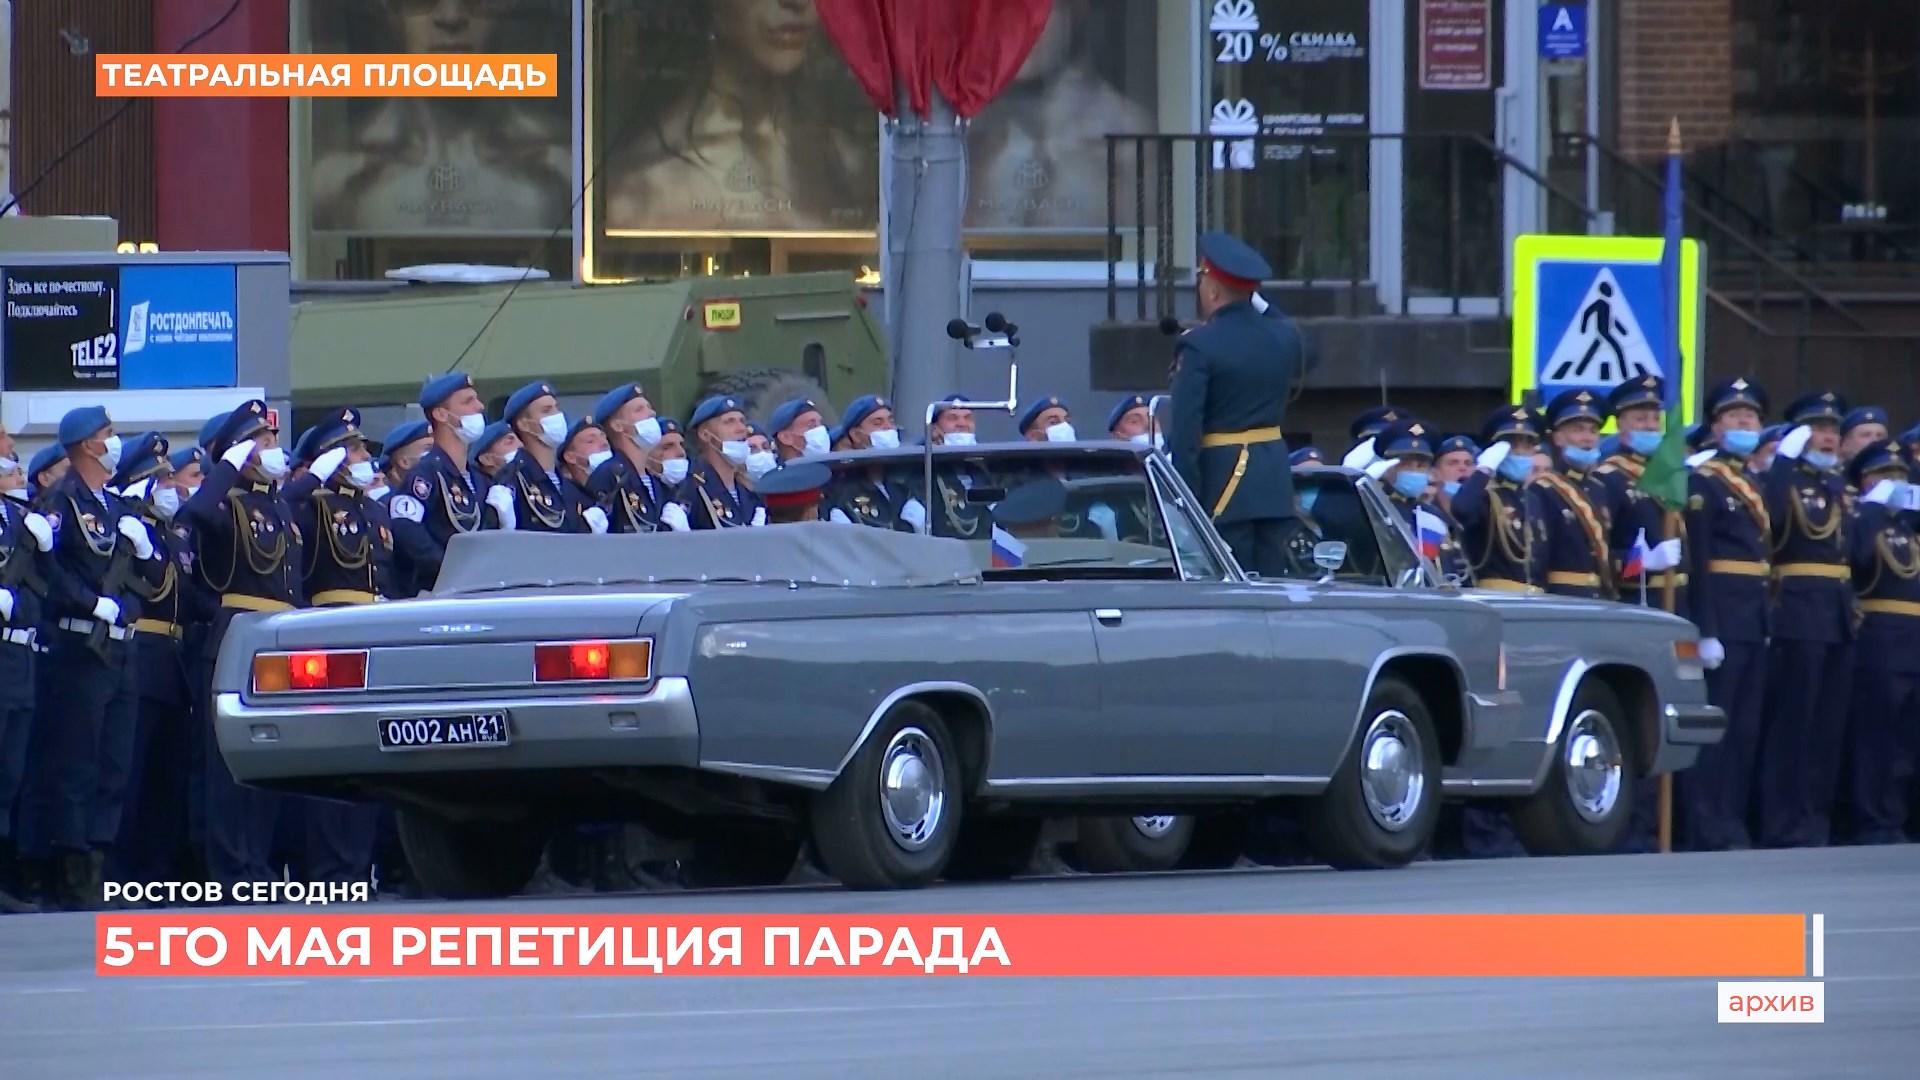 Ростов сегодня: вечерний выпуск. 4 мая 2021